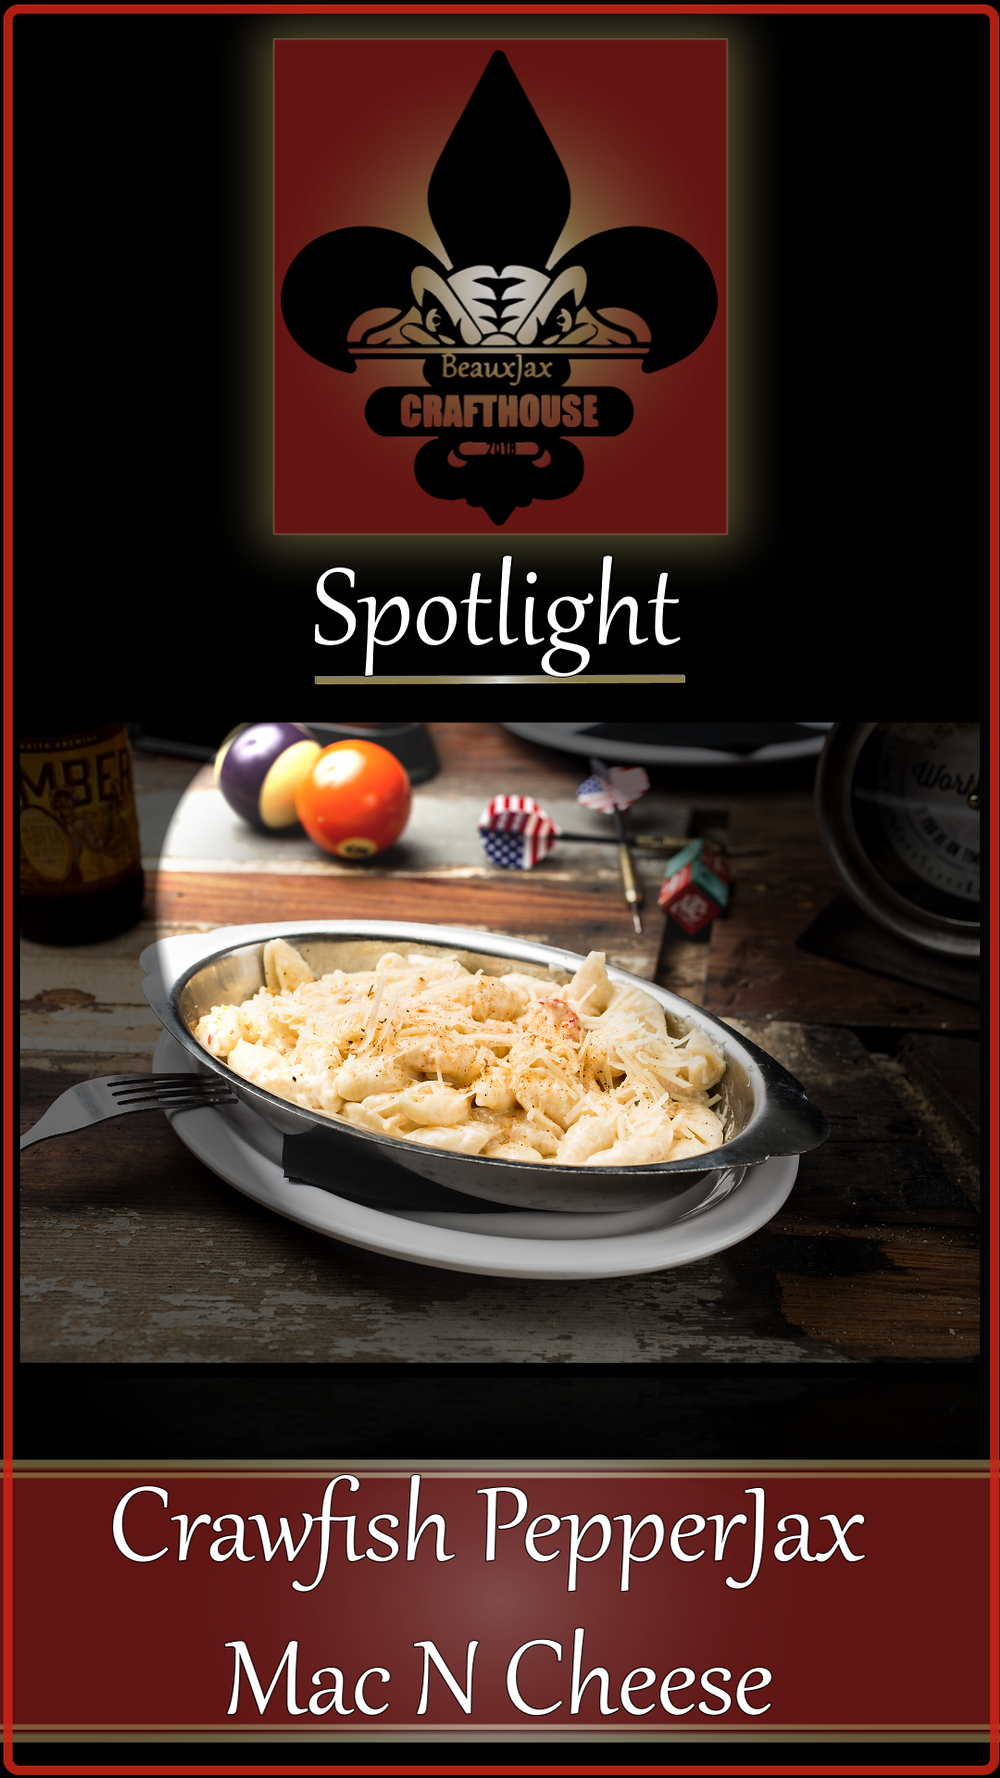 BeauxJax Food Spotlight